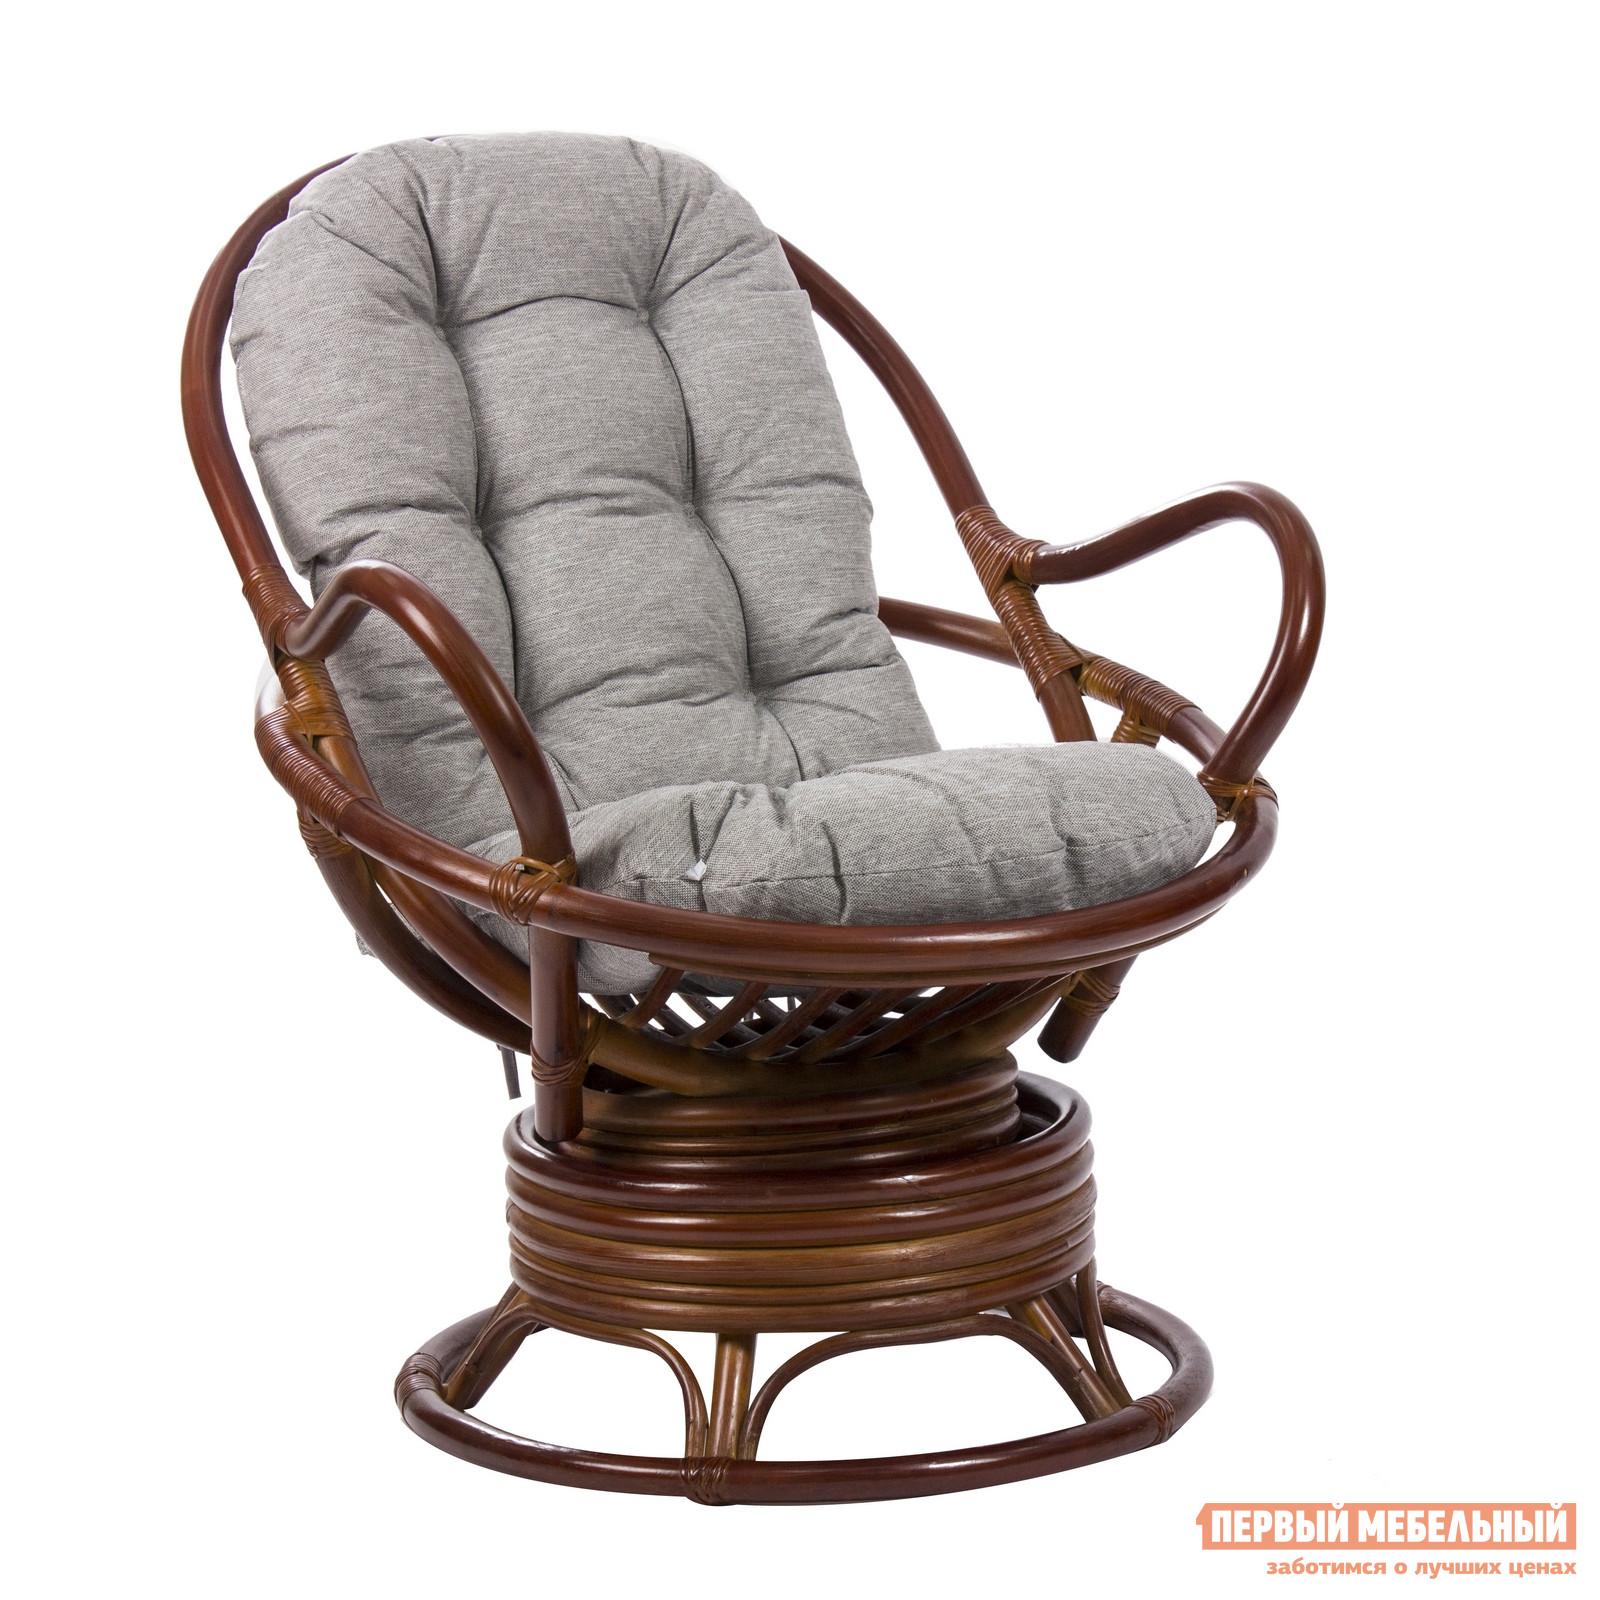 Кресло-качалка Мебель Импэкс Swivel Rocker Коньяк Мебель Импэкс Габаритные размеры ВхШхГ 880x950x960 мм. В современном ритме особенно ценны дни, проводимые за городом.  Кресло-качалка Сьювел Рокер сделает долгожданный отдых еще прекраснее.  Модель имеет оригинальную форму сиденья, в которую отдыхающий как бы проваливается.  Это позволяет почувствовать себя уединенно и в полной безопасности.  Особенно комфортно будет сидеть на мягкой подушке-матрасе, которая поставляется в комплекте. <br>Конструкция кресла имеет особенный пружинный механизм, который убаюкивает плавными покачиваниями из стороны в сторону и ненавязчивым вращением. <br>Каркас изготавливается из натурального ротанга, а это значит, что кресло можно использовать как в помещении, так и на открытом воздухе. <br />Чехлы подушек не съемные.  Наполнение мягкого элемента — полиэфир и ППУ. <br>